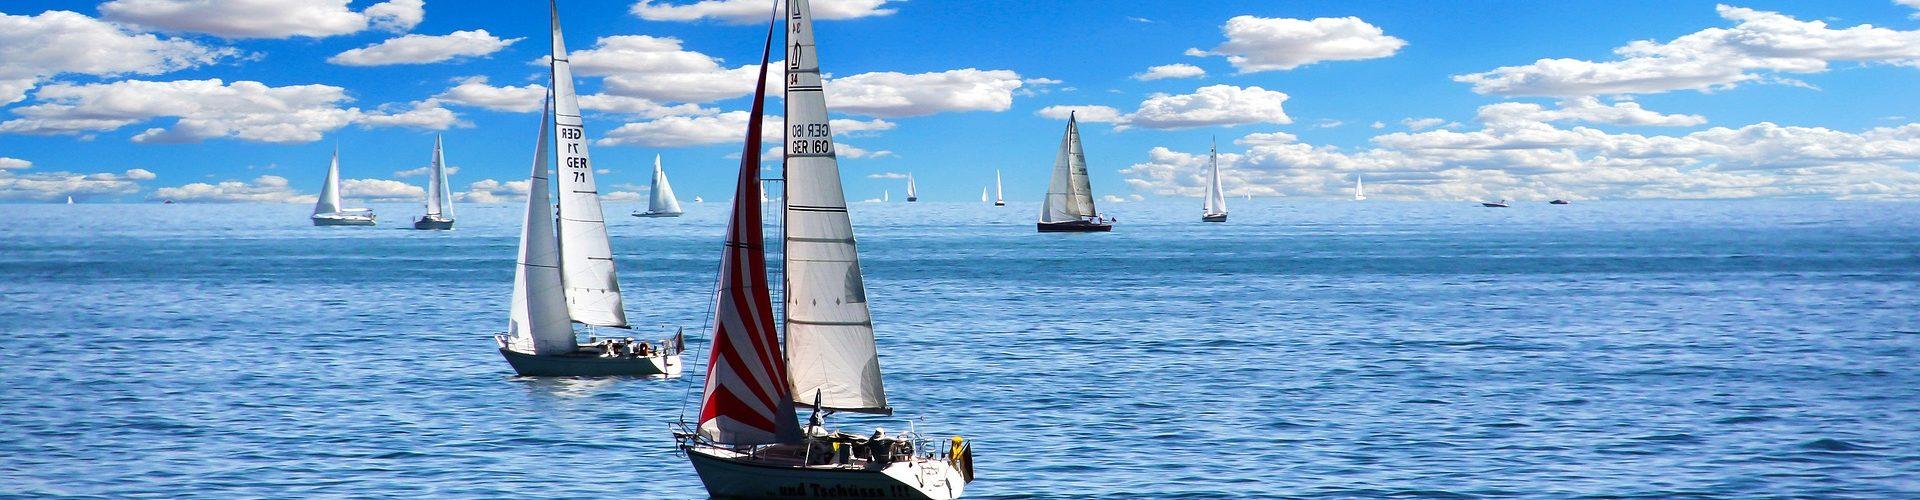 segeln lernen in Eging am See segelschein machen in Eging am See 1920x500 - Segeln lernen in Eging am See